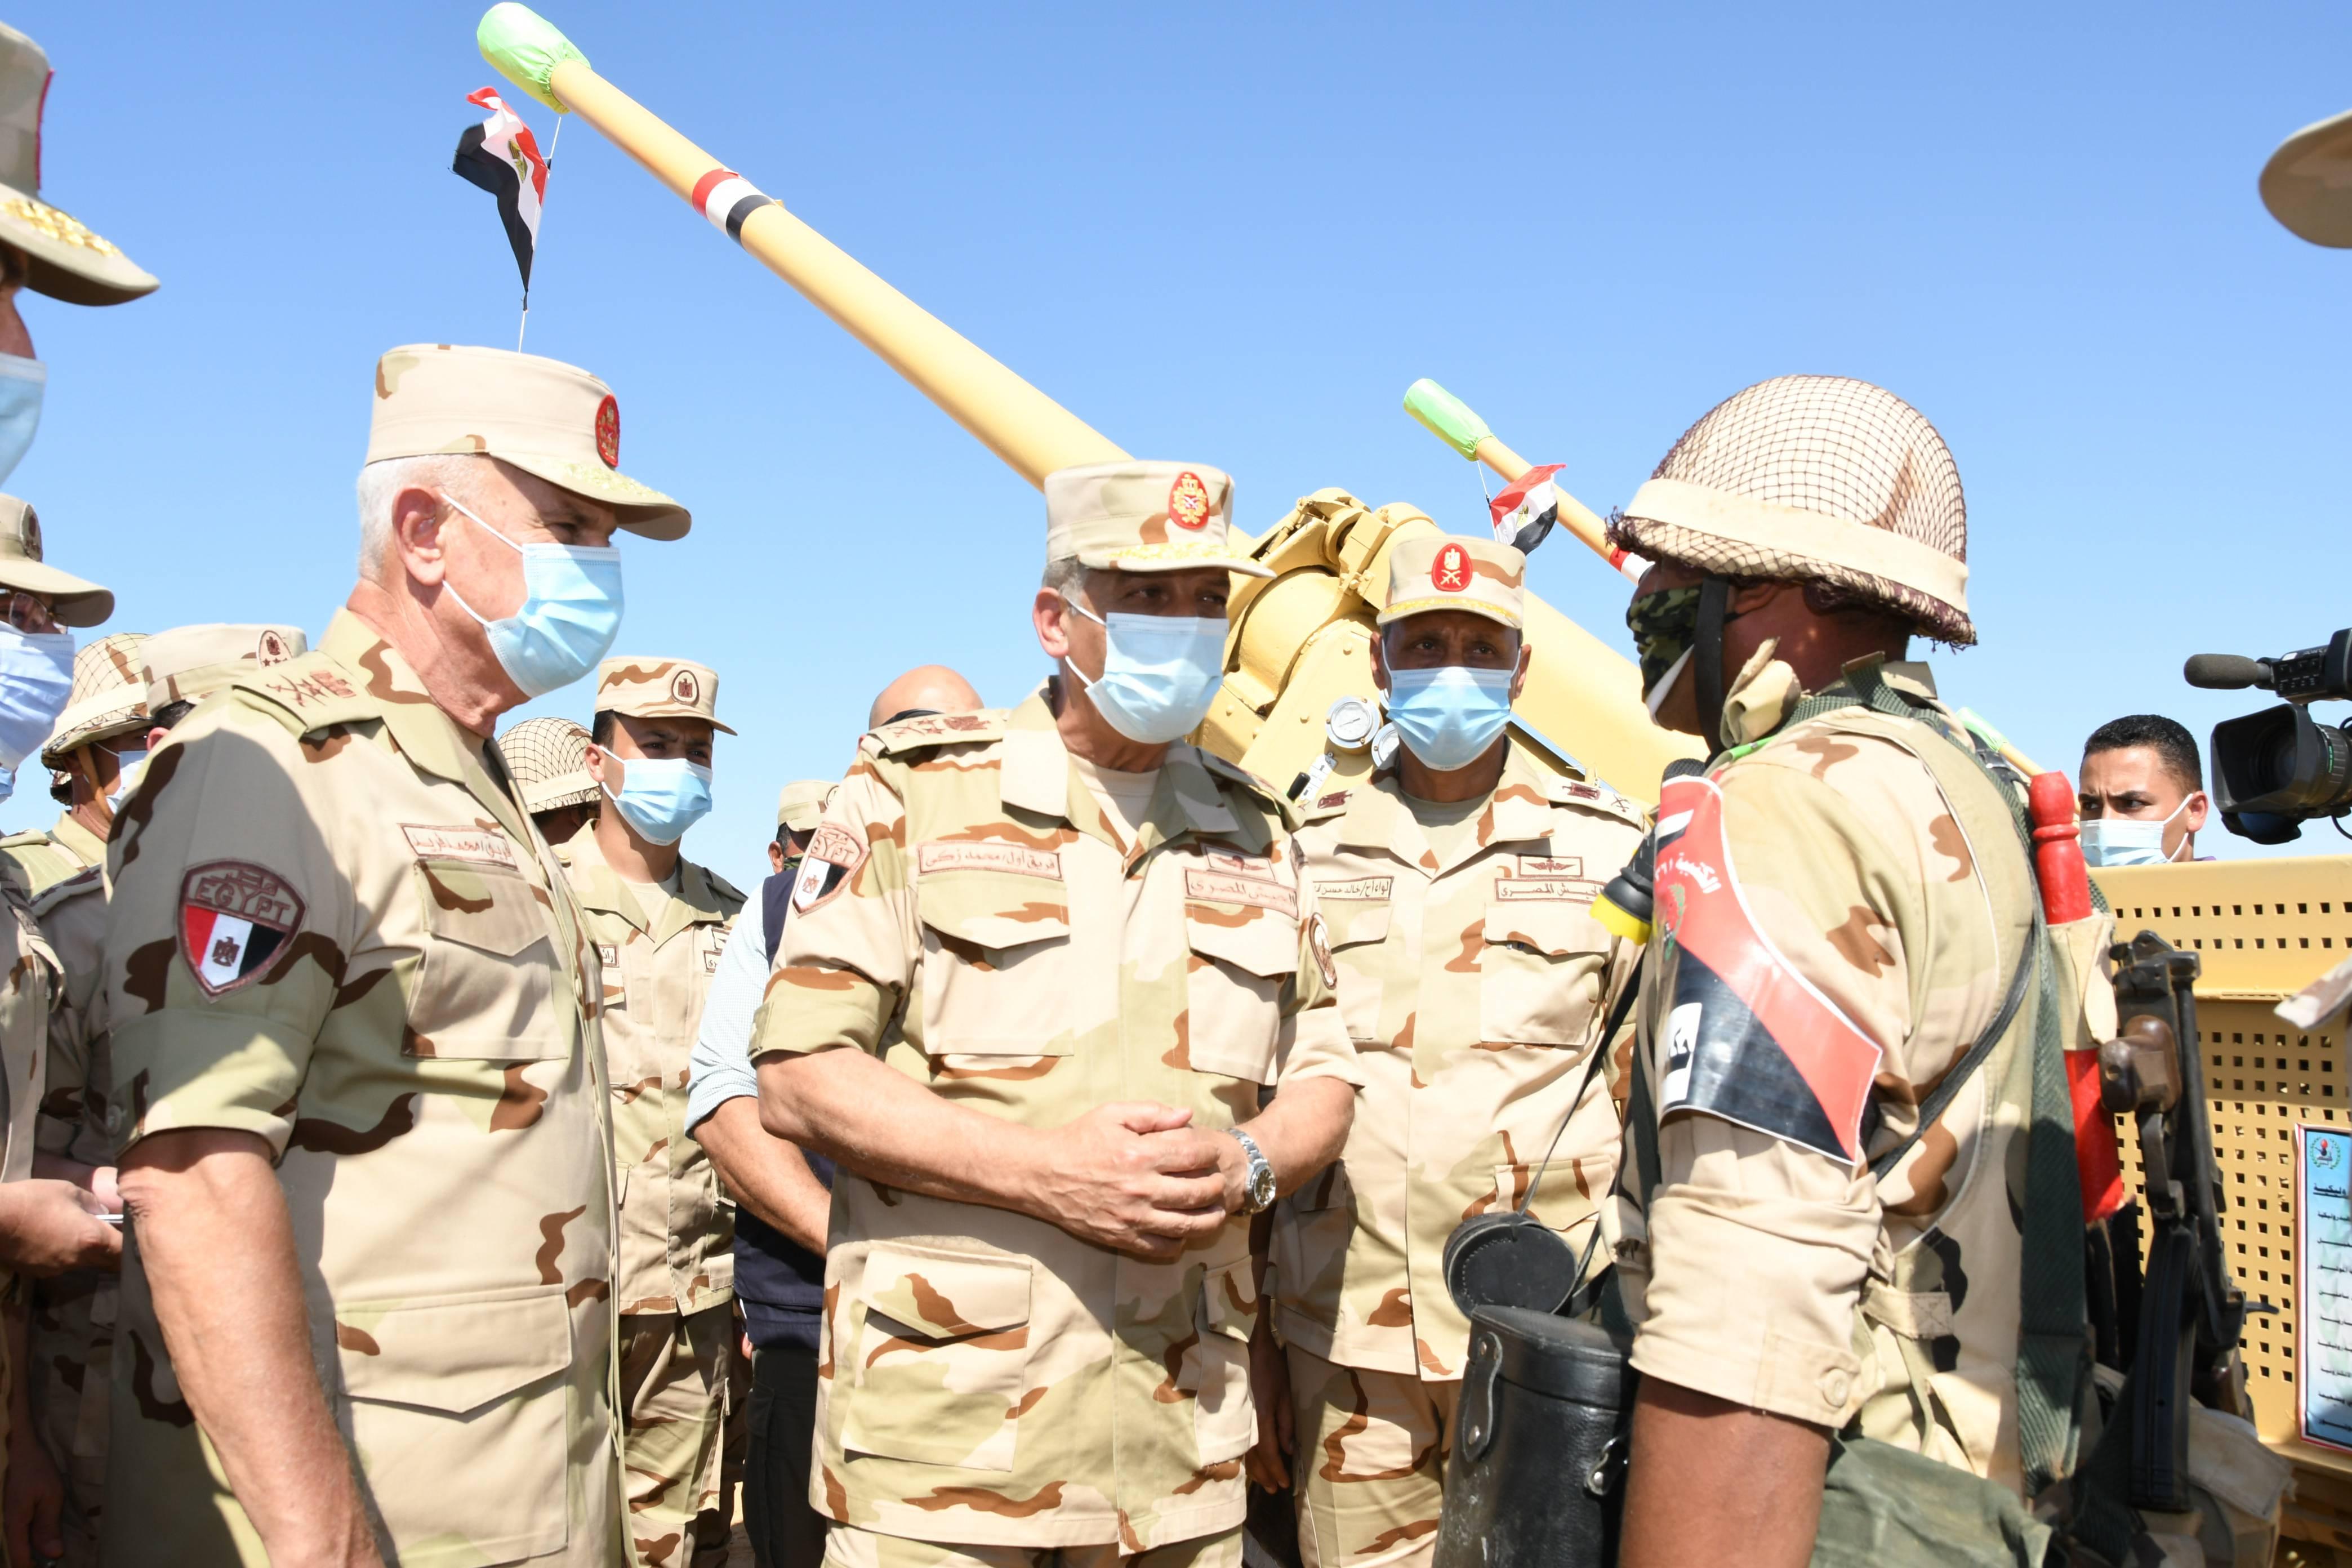 وزير الدفاع يتفقد إجراءات تفتيش الحرب لإحدى تشكيلات الجيش الثالث الميدانى (6)